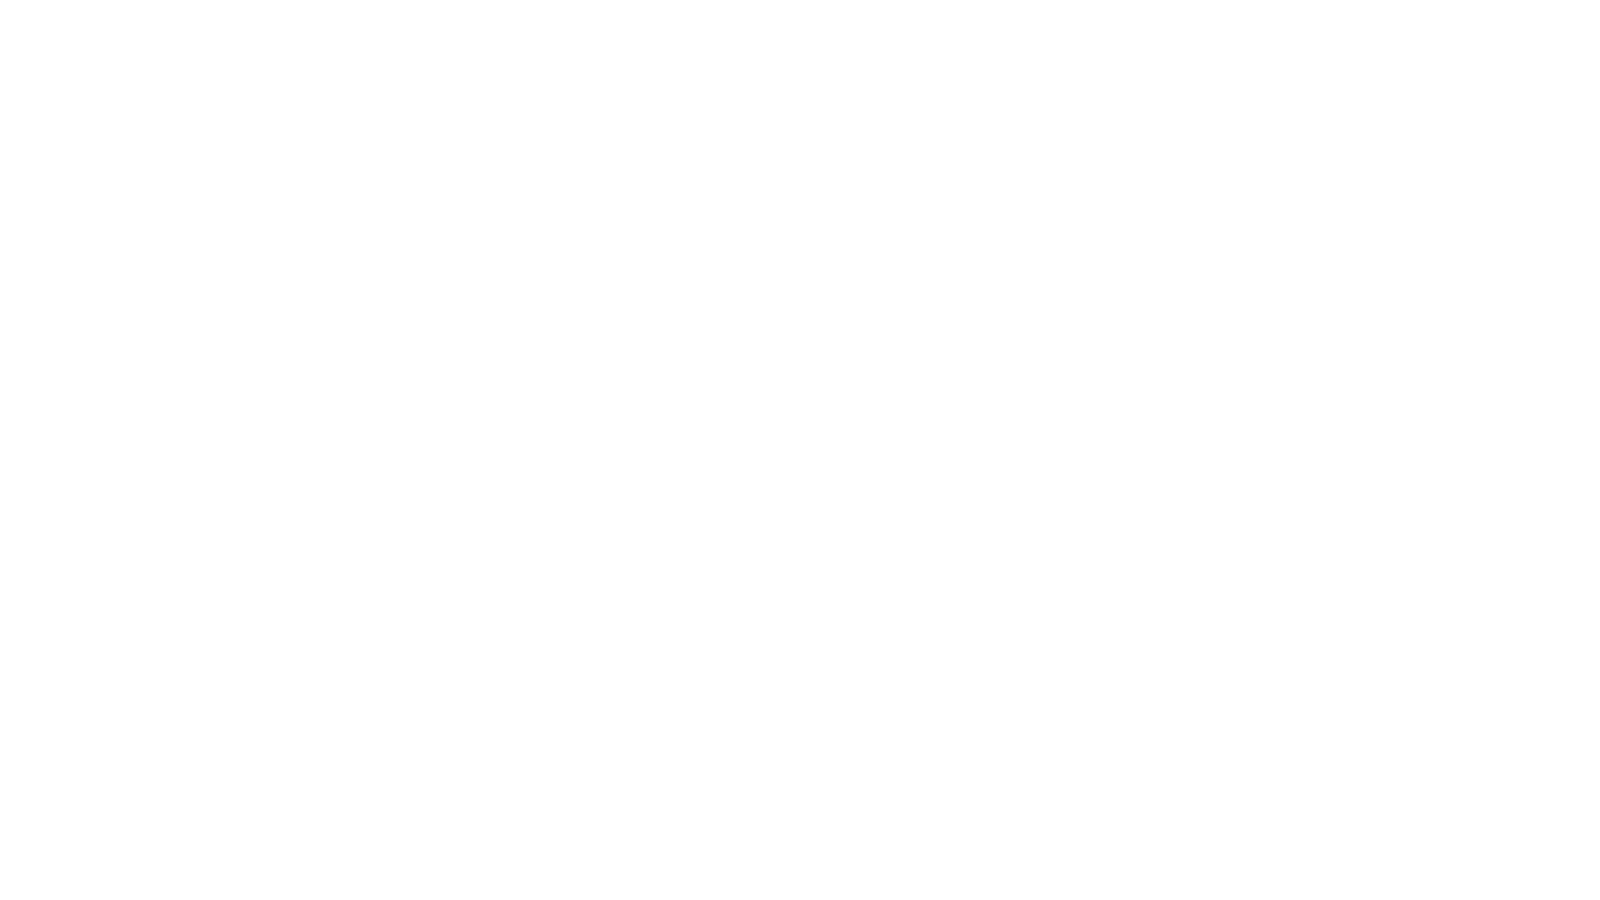 Специальный профессиональный колледж г.Кентау Арнаулы кәсіптік колледж Кентау қ. ЖАРНАМА Жоғарыда аталған колледж мүмкіндігі шектеулі балаларды (инвалид) 15-35 жасқа дейін тегін оқуға қабылдайды. Специальный профессиональный колледж г.Кентау данный колледж принимает учебу на бесплатном обучении детей-инвалидов в возрасте 15-35 лет КОНТАКТЫ Түркістан облысы Кентау қаласы (872536) 4-06-54, 4-07-54, 4-09-63 www.okoakk .kz ukospkmsu@mail.ru @specprofkolledzh www.vk.com/okoakk www.facebook.com/ukospkmsu WhatsApp +77770969196  # инвалид   # мүмкіндігі шектеулі  # кемтар   # тегін    # мүмкіндка  # мамандық   # дети инвалиды  # мейірій  # мейірімділки   # өмірг құштар # детис ограниченными возможностями   # тегін оқу # бесплатное обучение